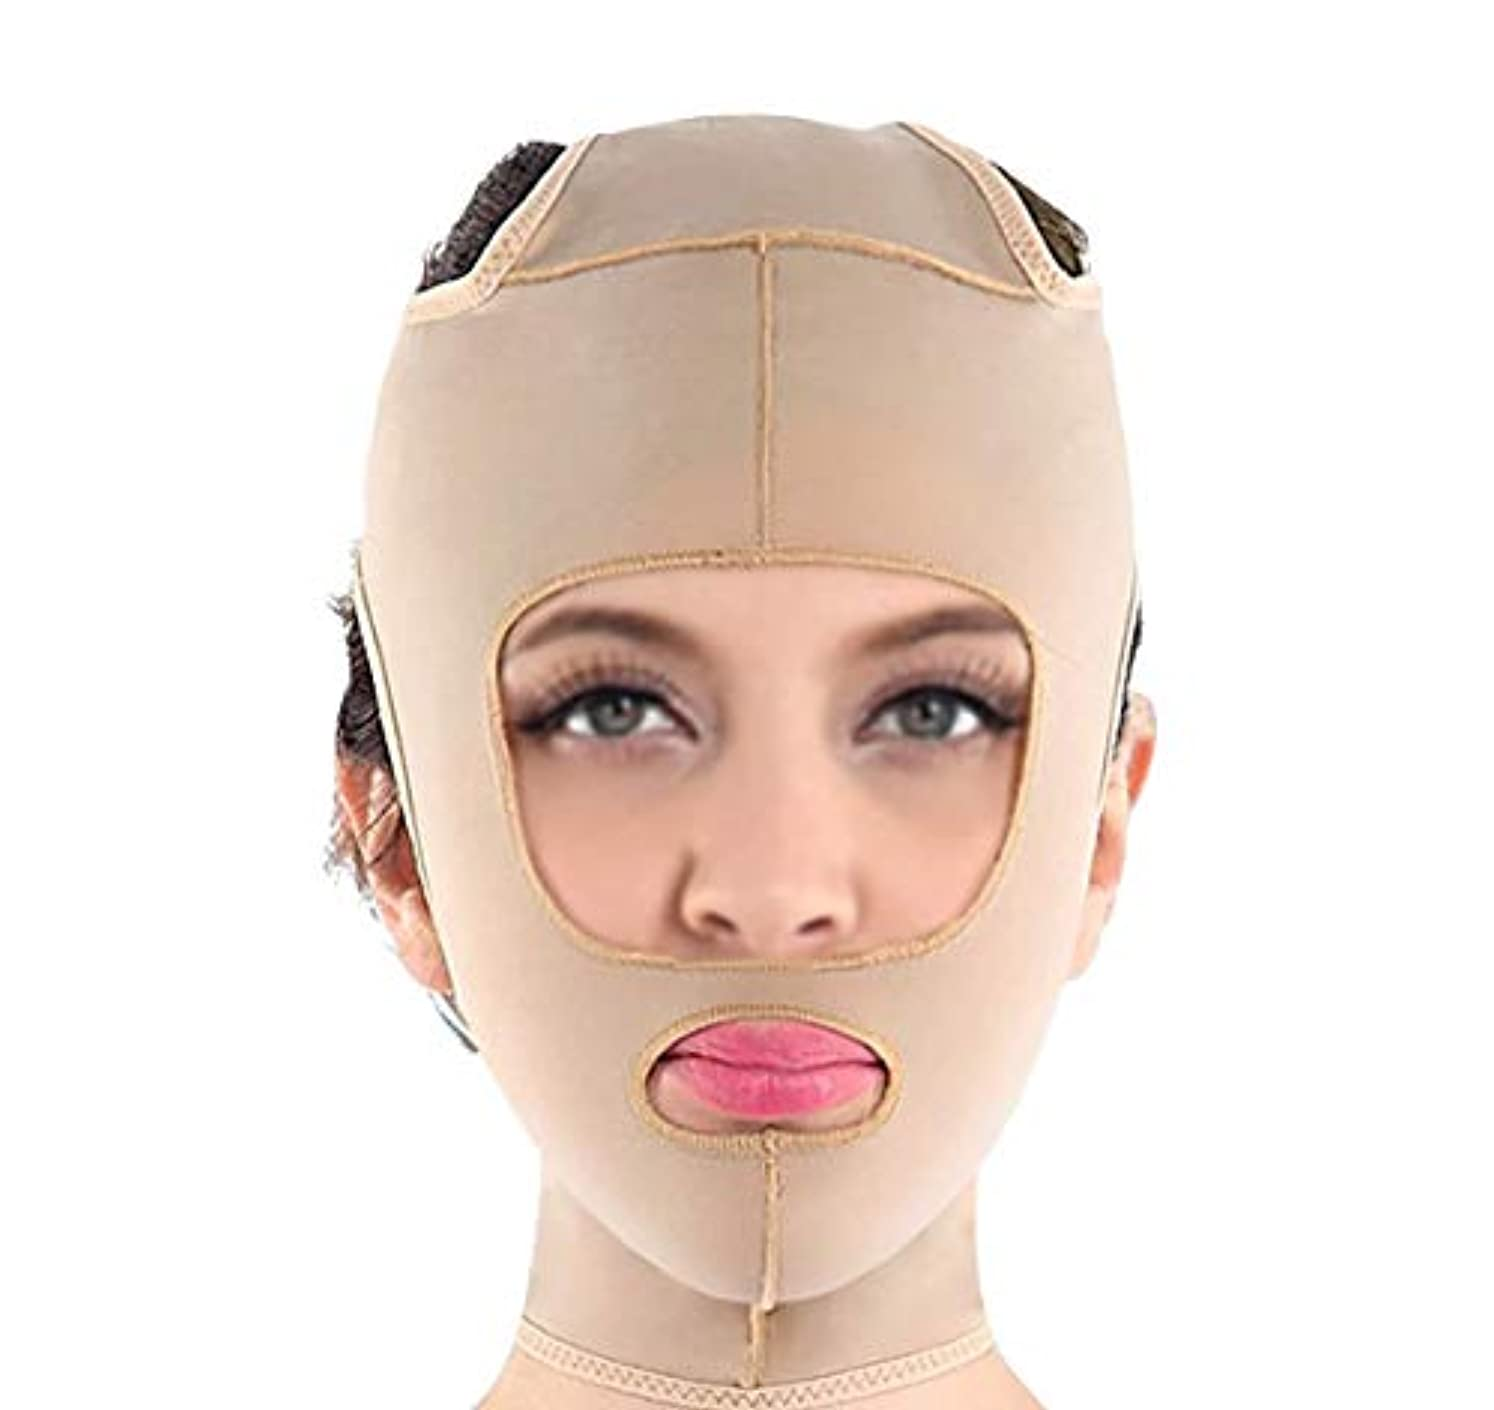 歩き回る提案確認してくださいフェイスリフティングマスクで肌をよりしっかりと保ち、V字型の顔を形作り、超薄型の通気性、調節可能で快適な着用感(サイズ:Xl),M